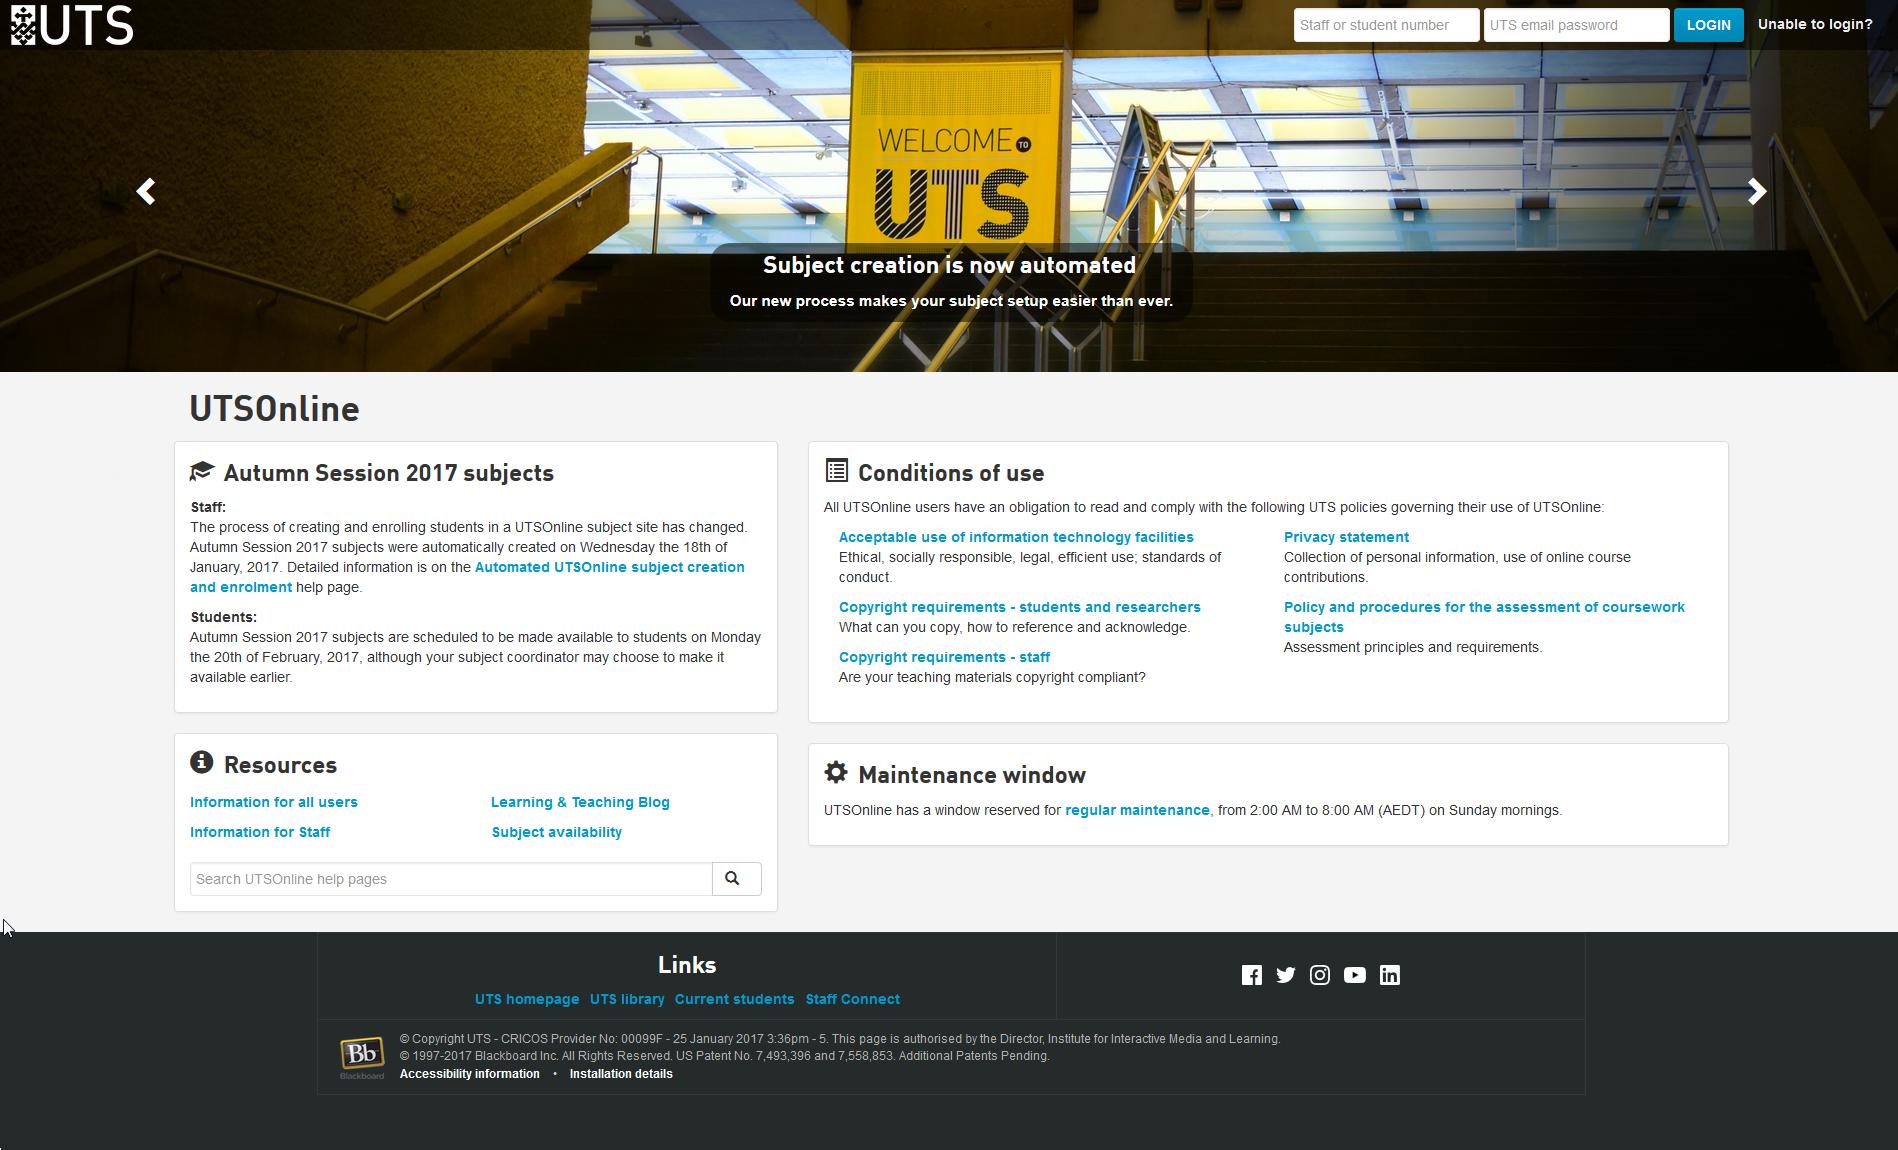 login_homepage_1 - UTSOnline Help